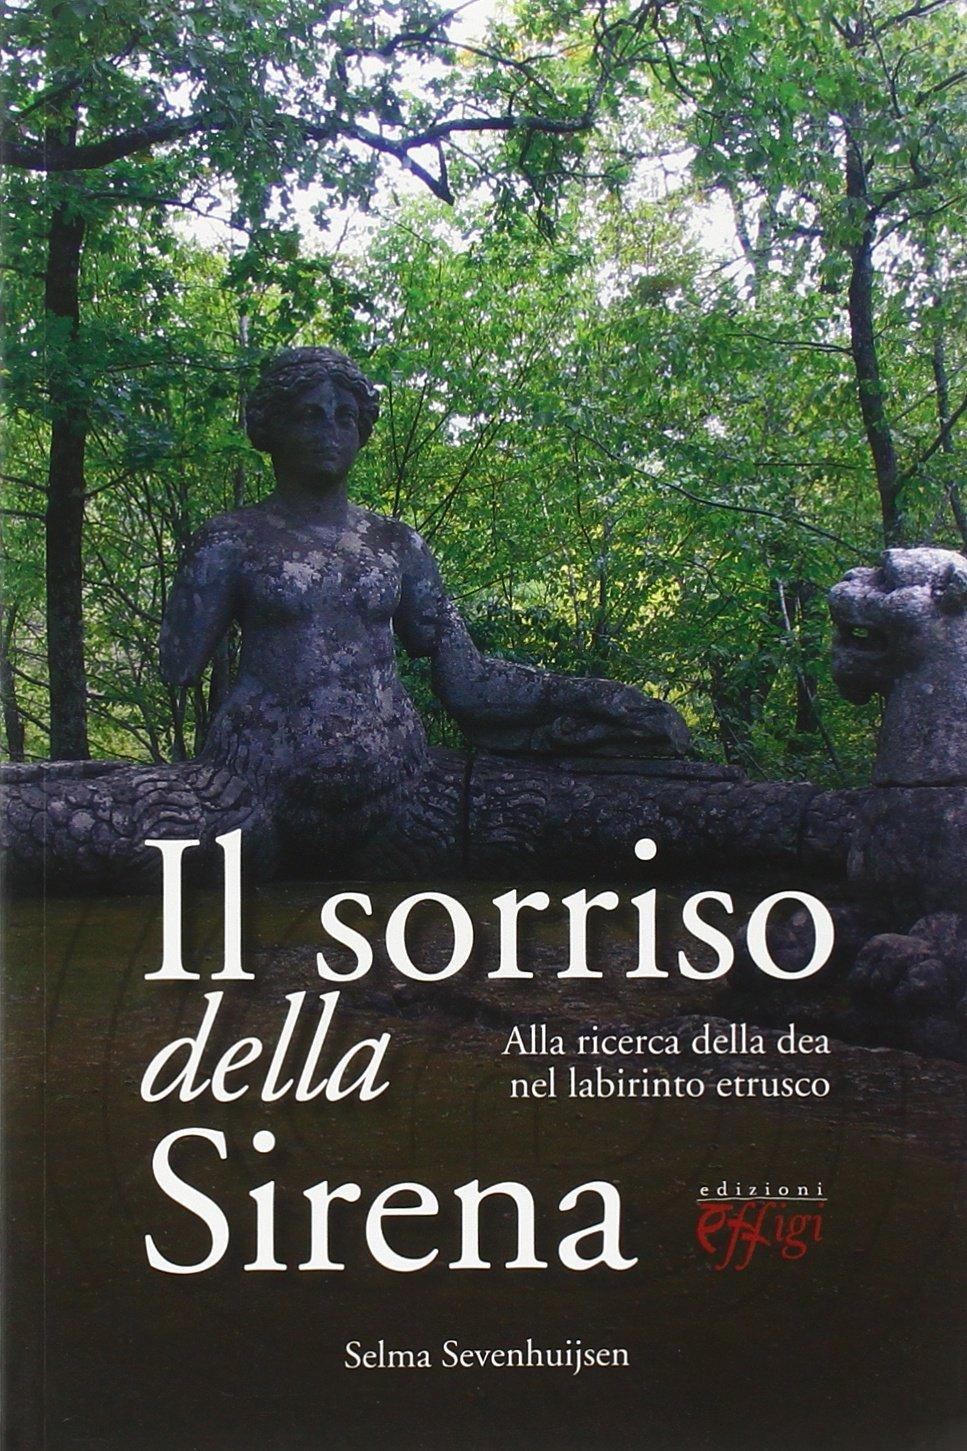 Il sorriso della sirena. Alla ricerca della dea nel labirinto etrusco Copertina flessibile – 1 mar 2014 Selma Sevenhuijsen R. Romero C&P Adver Effigi 8864333665